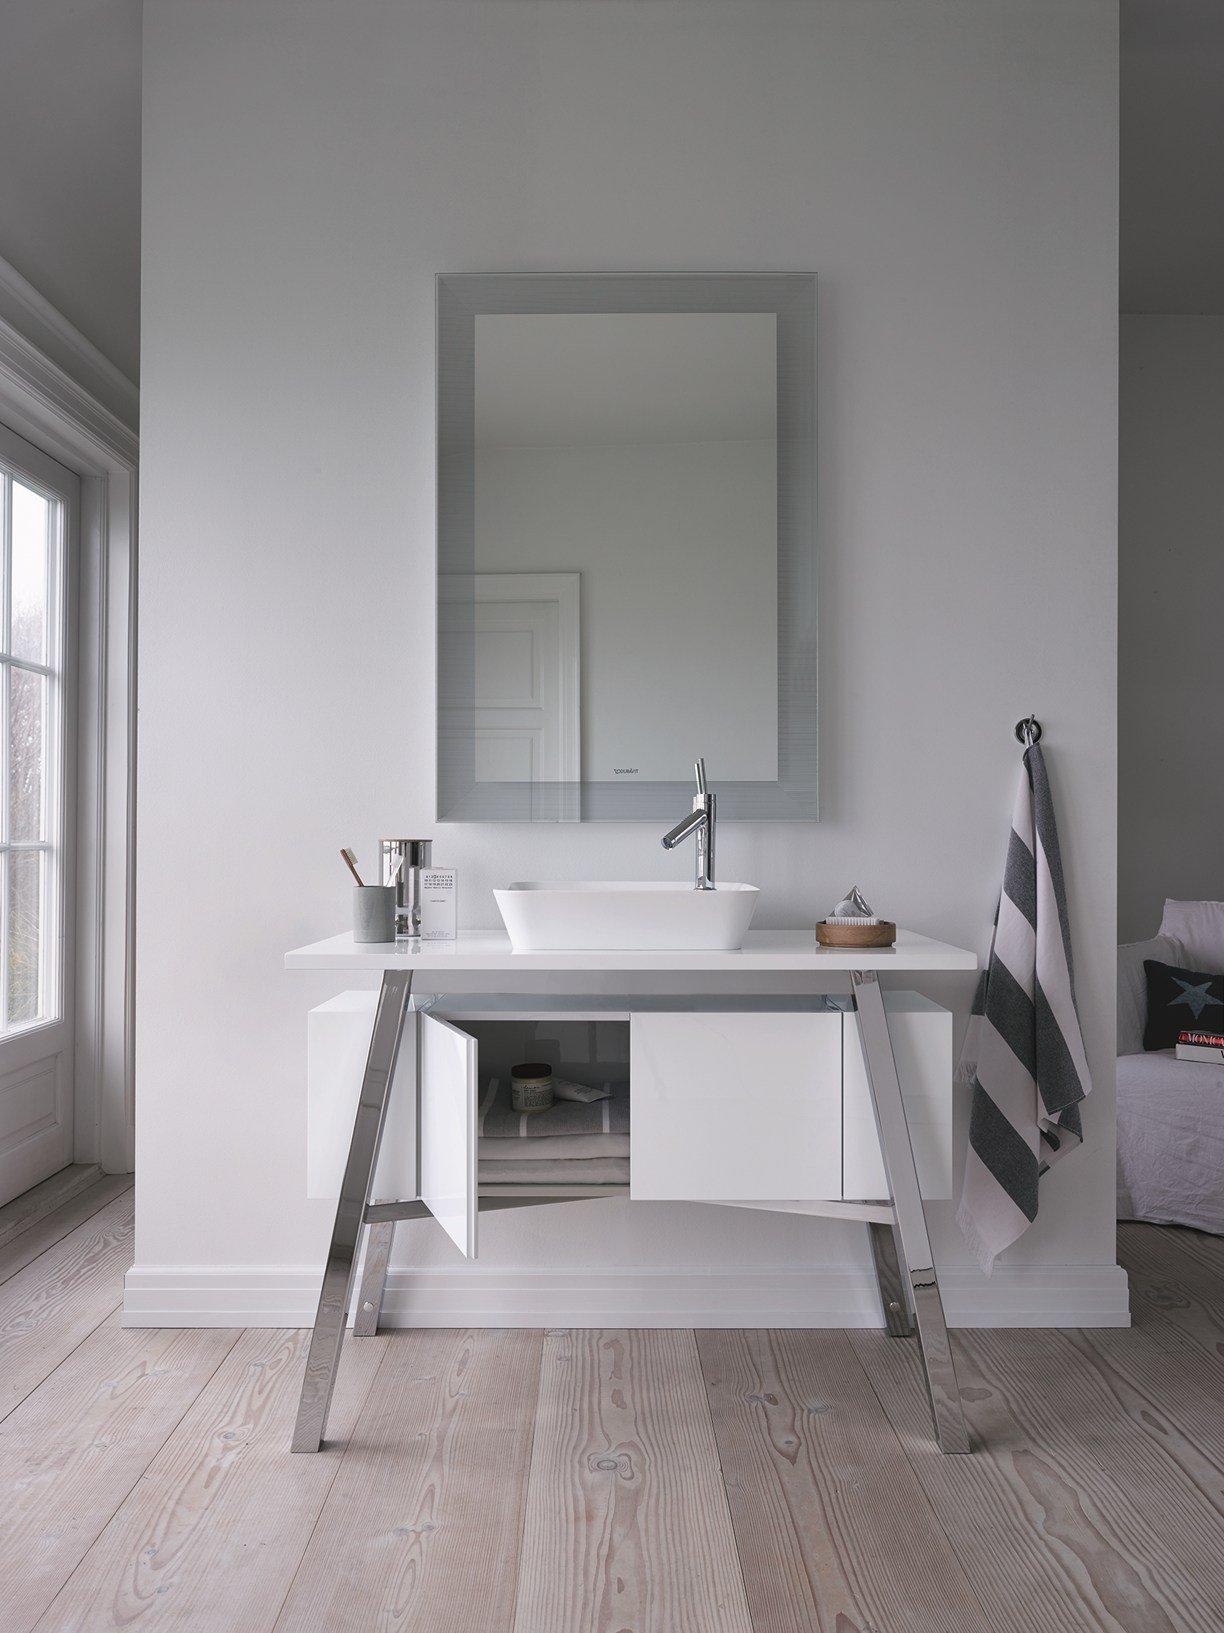 cape cod di philippe starck la natura come elemento essenziale della stanza da bagno. Black Bedroom Furniture Sets. Home Design Ideas